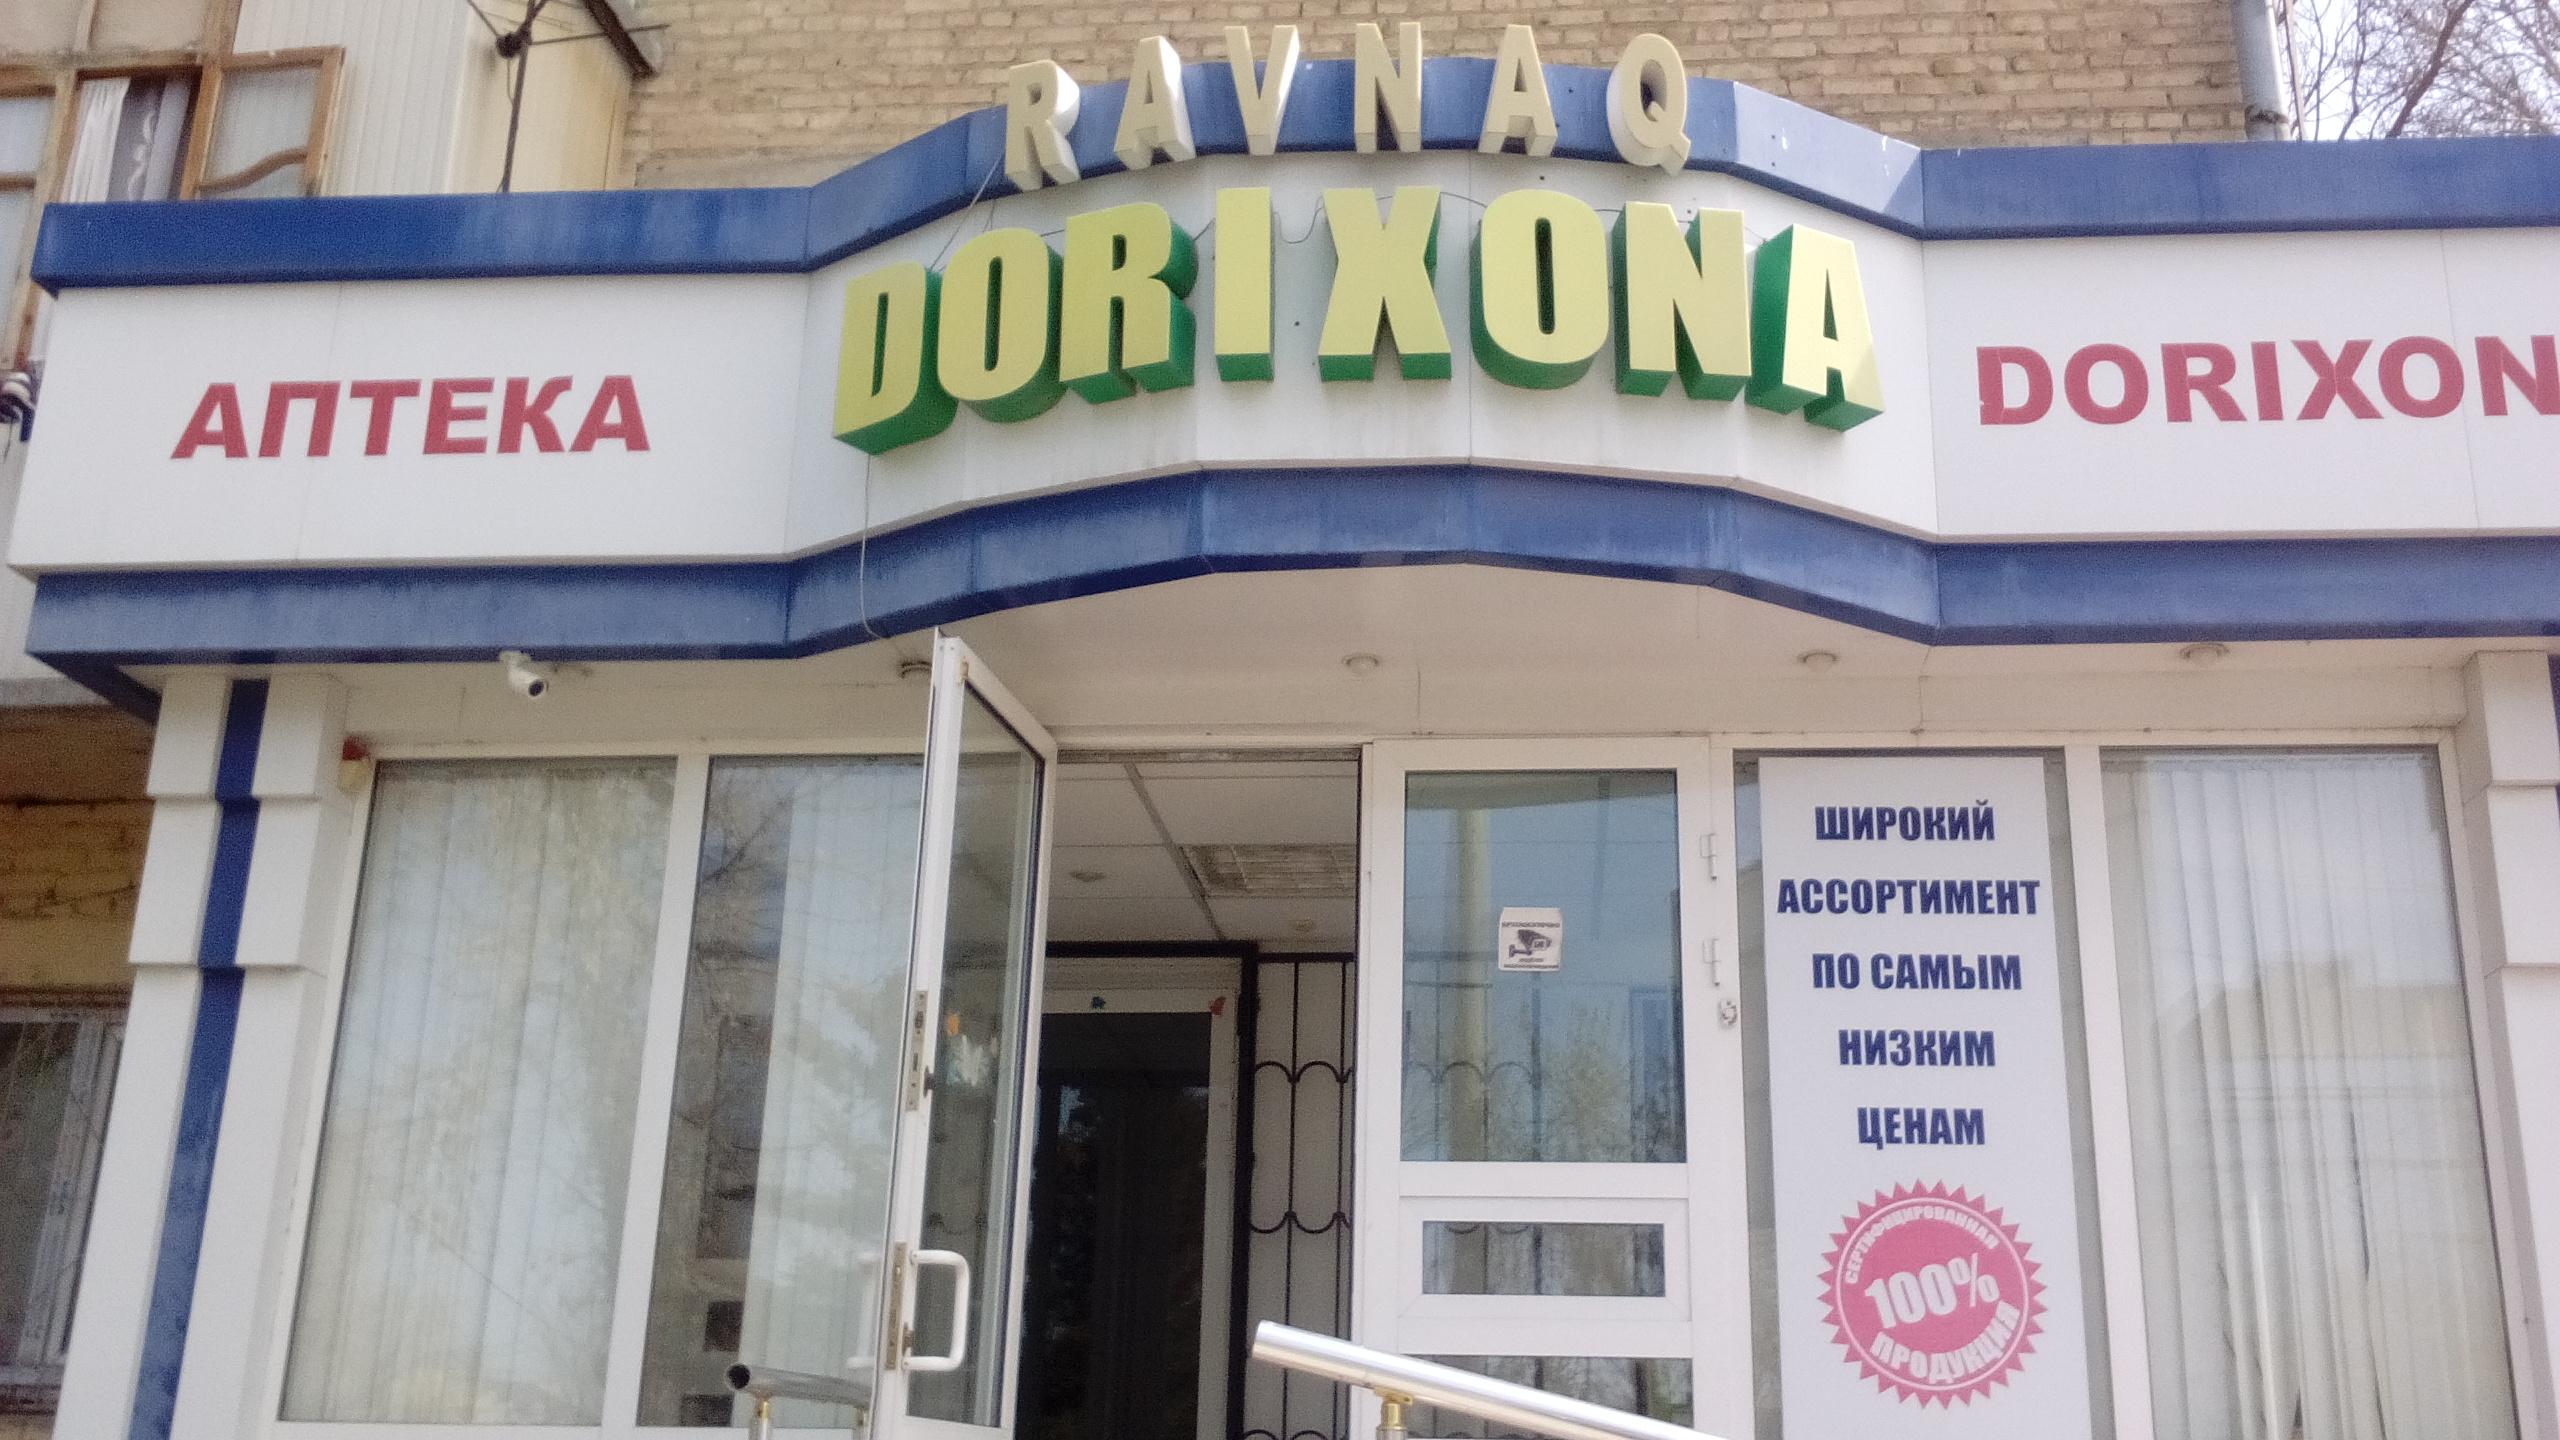 """Аптека """"RAVNAQ"""""""